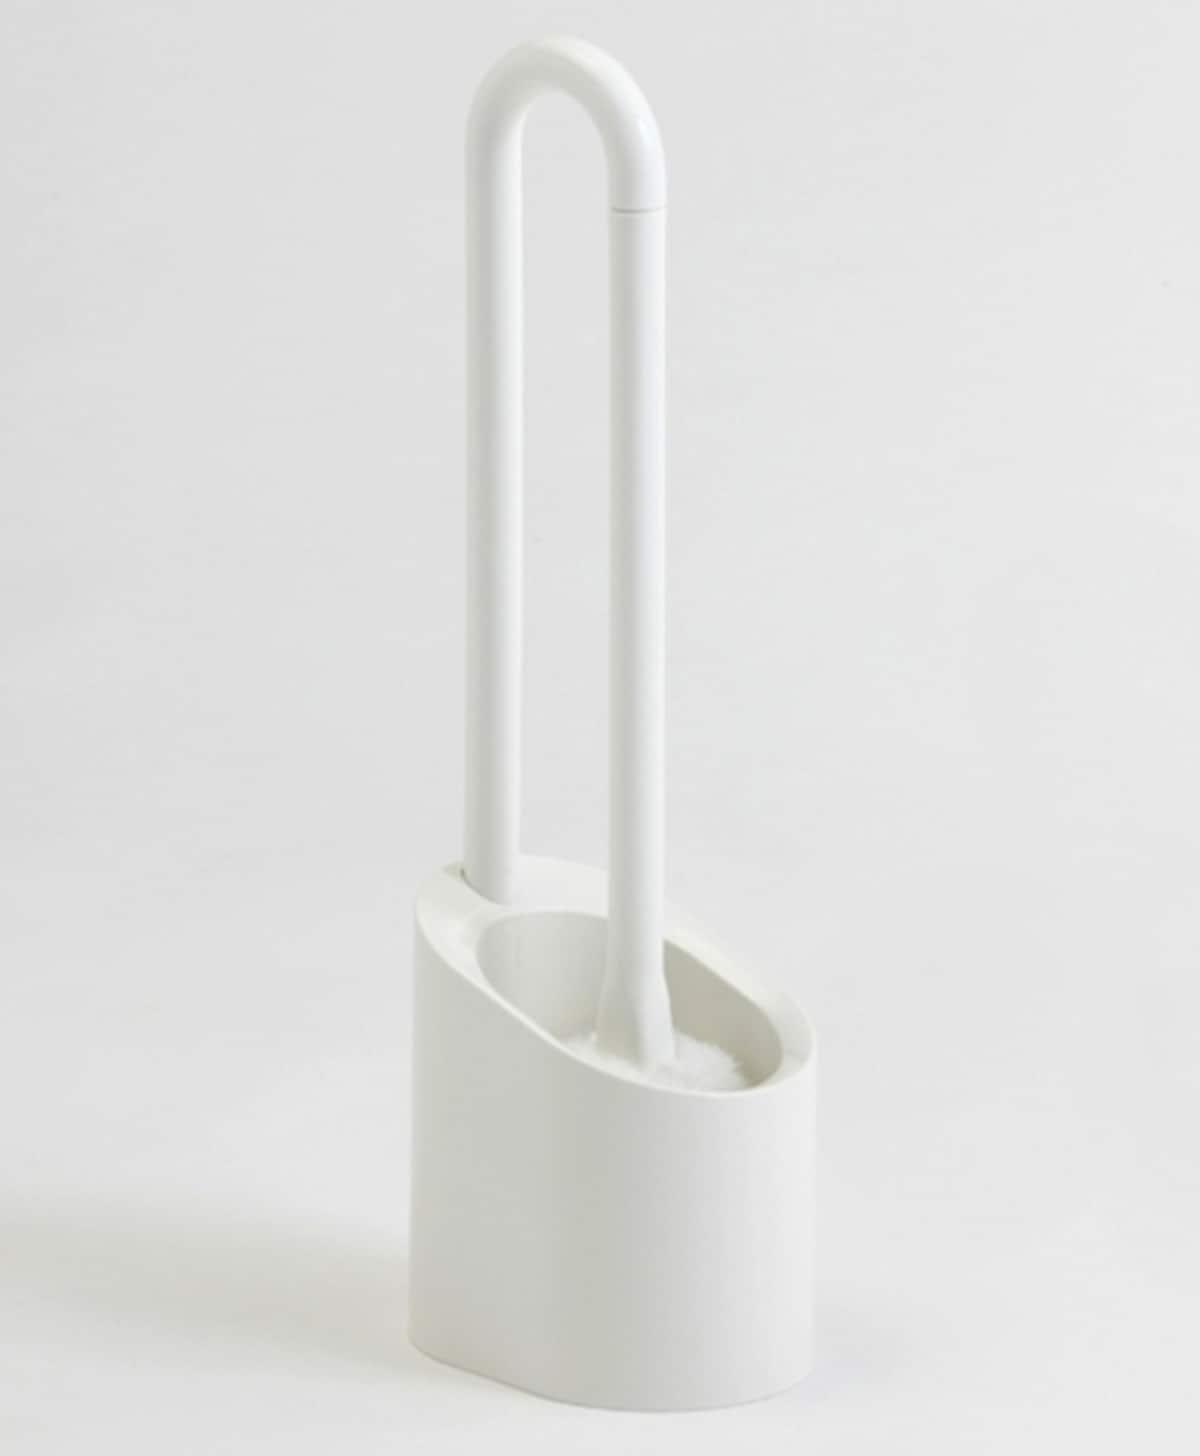 6. แปรงขัดโถ Float Slim Toilet Brush